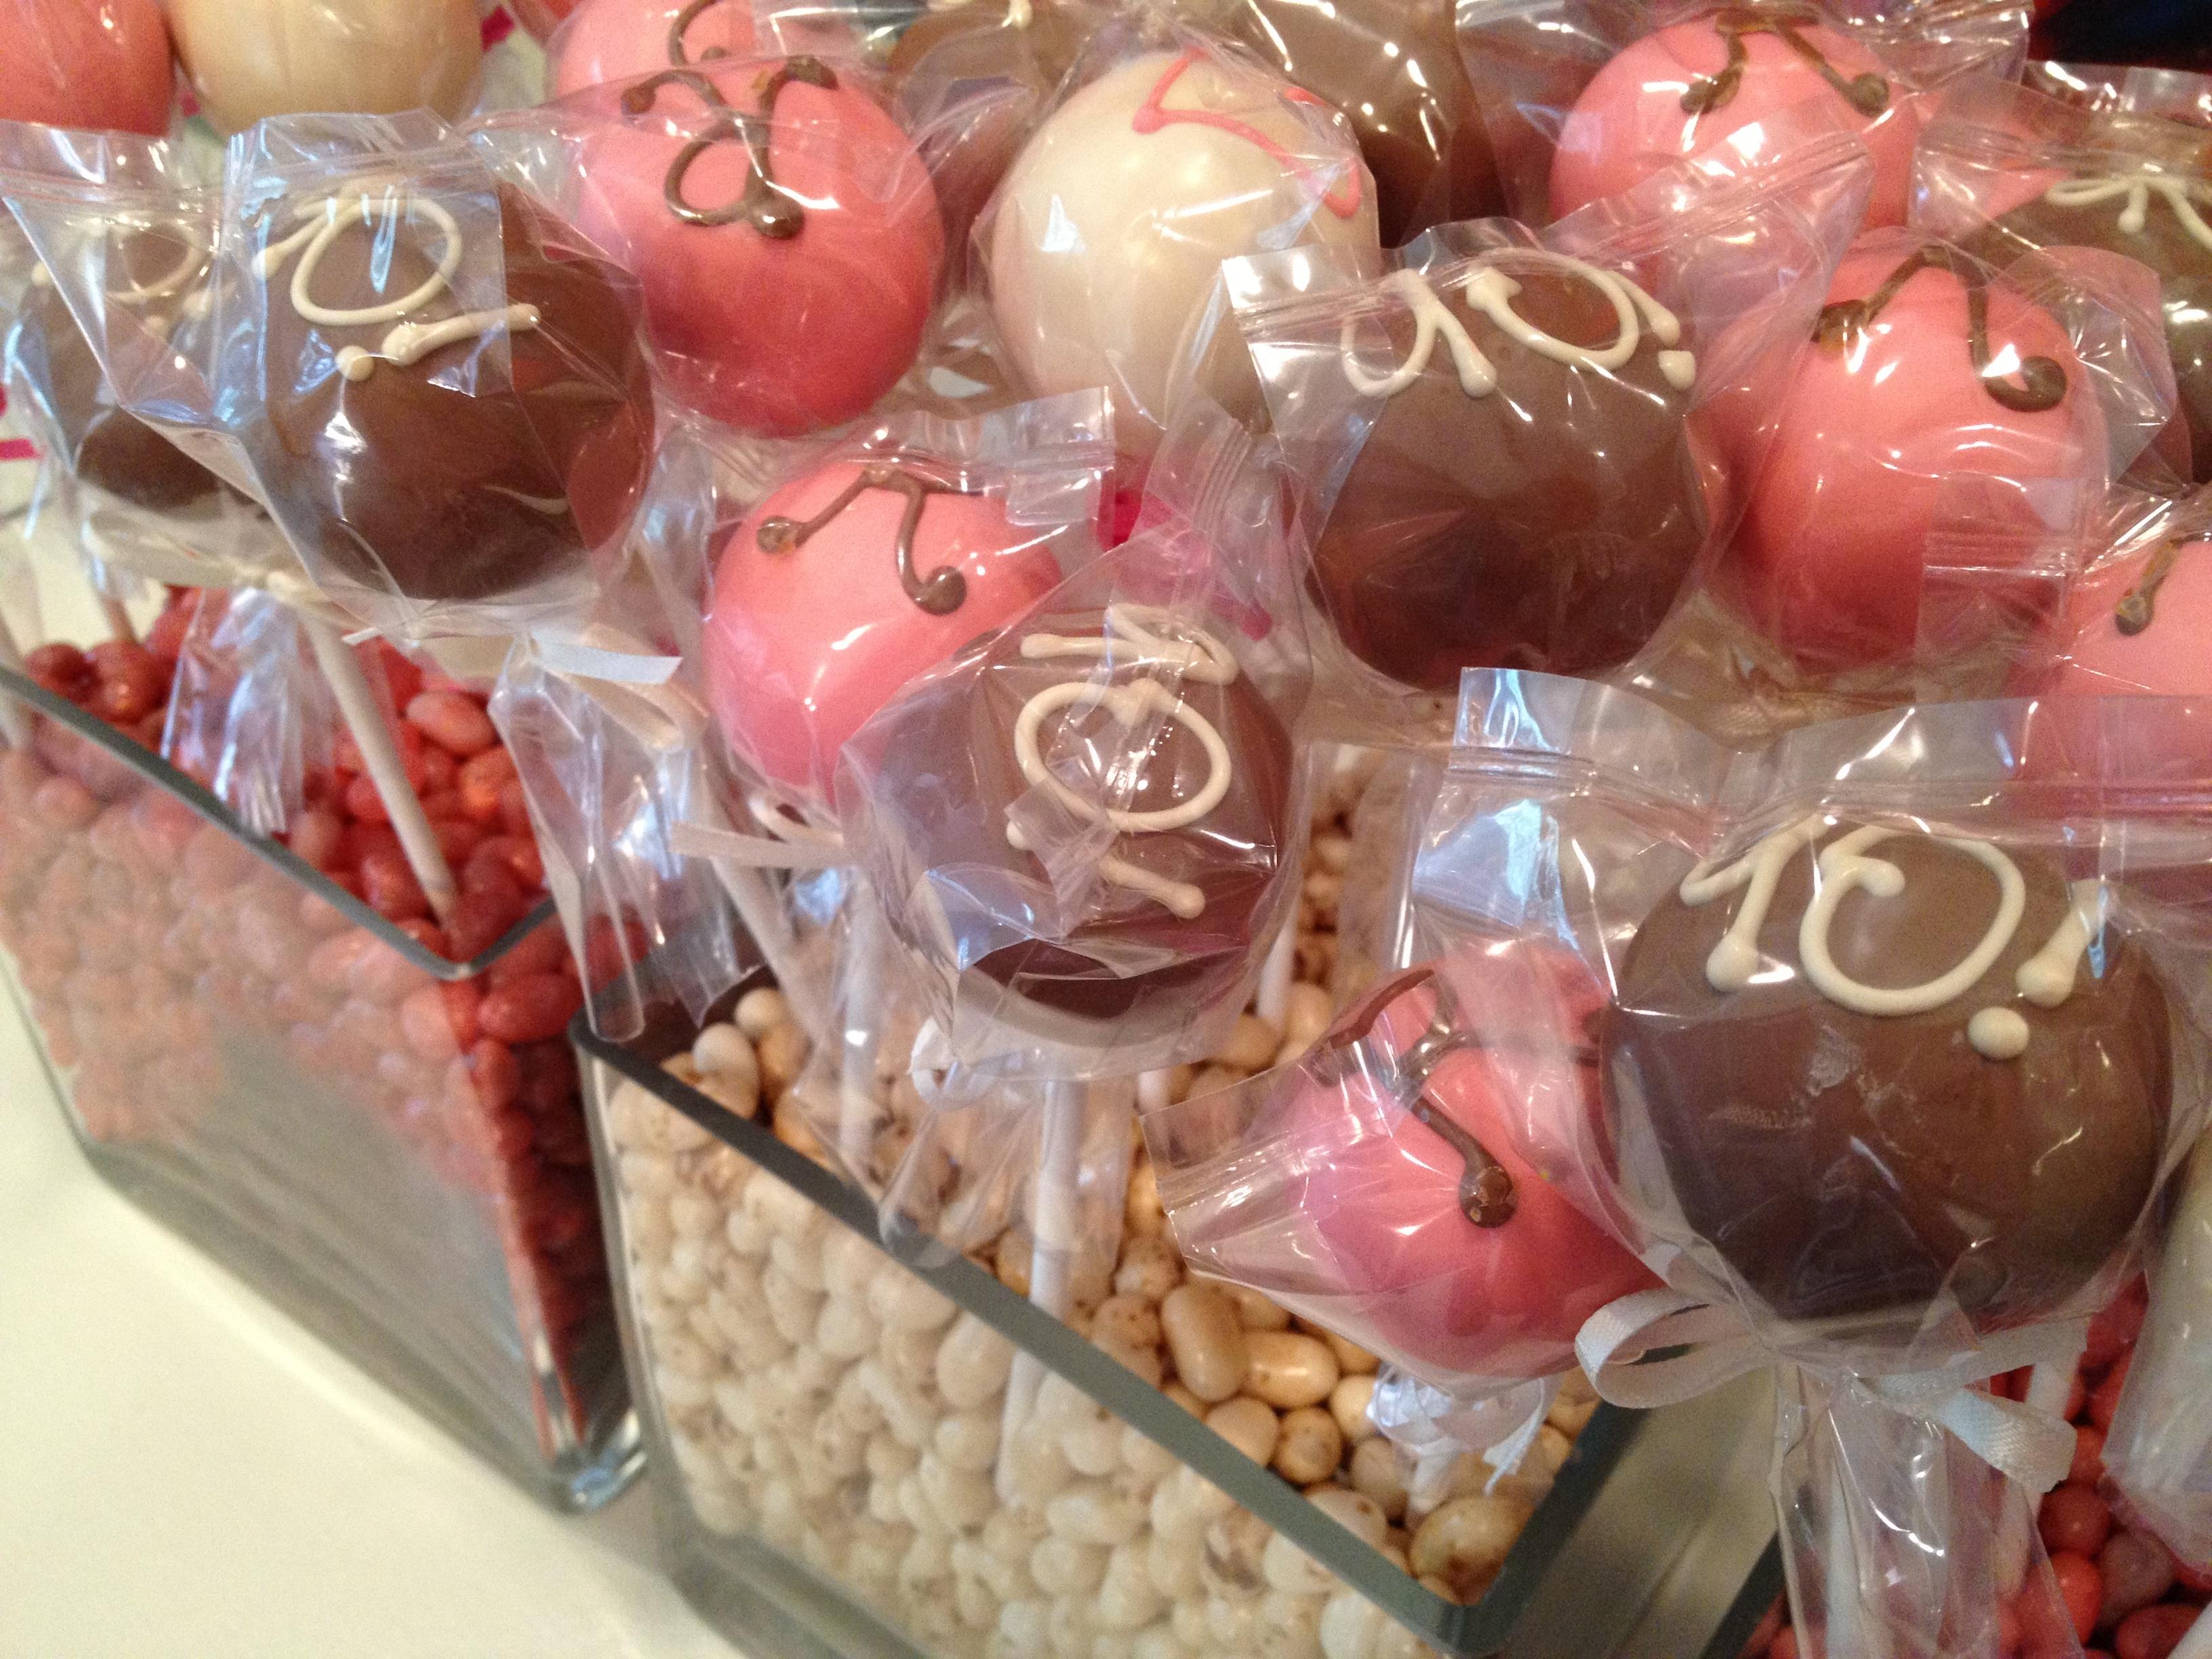 Wedding Shower ⚲ Sweet Lauren Cakes ⚲ Artisan Cake Pops from San